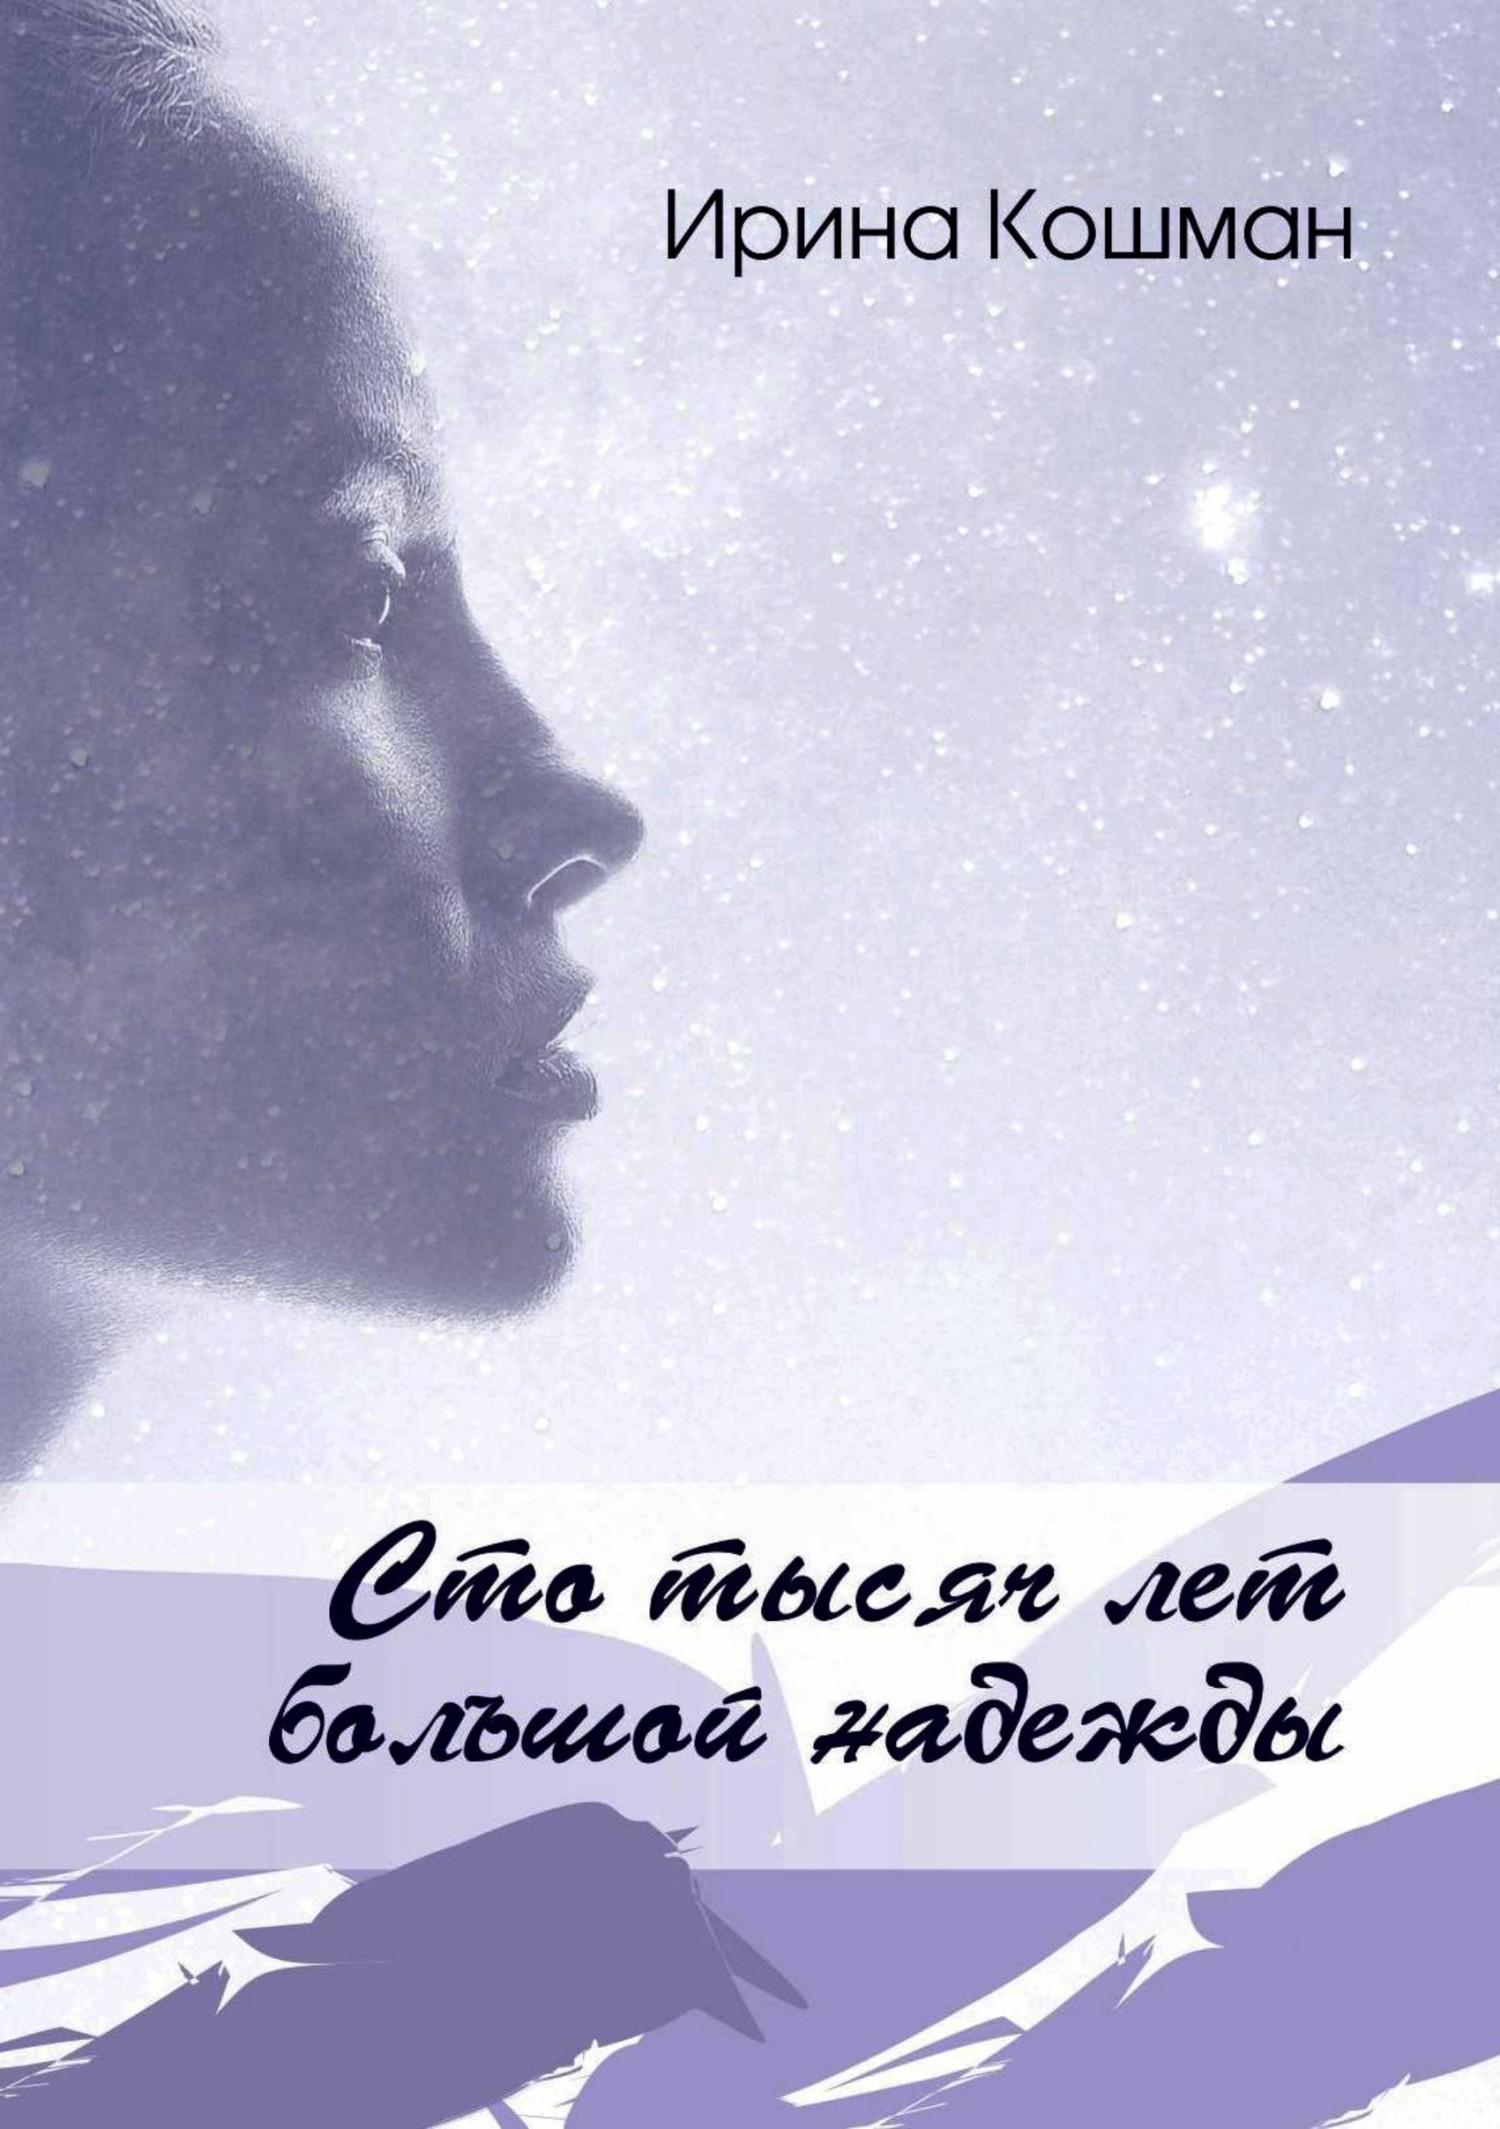 Ирина Анатольевна Кошман. Сто тысяч лет большой надежды